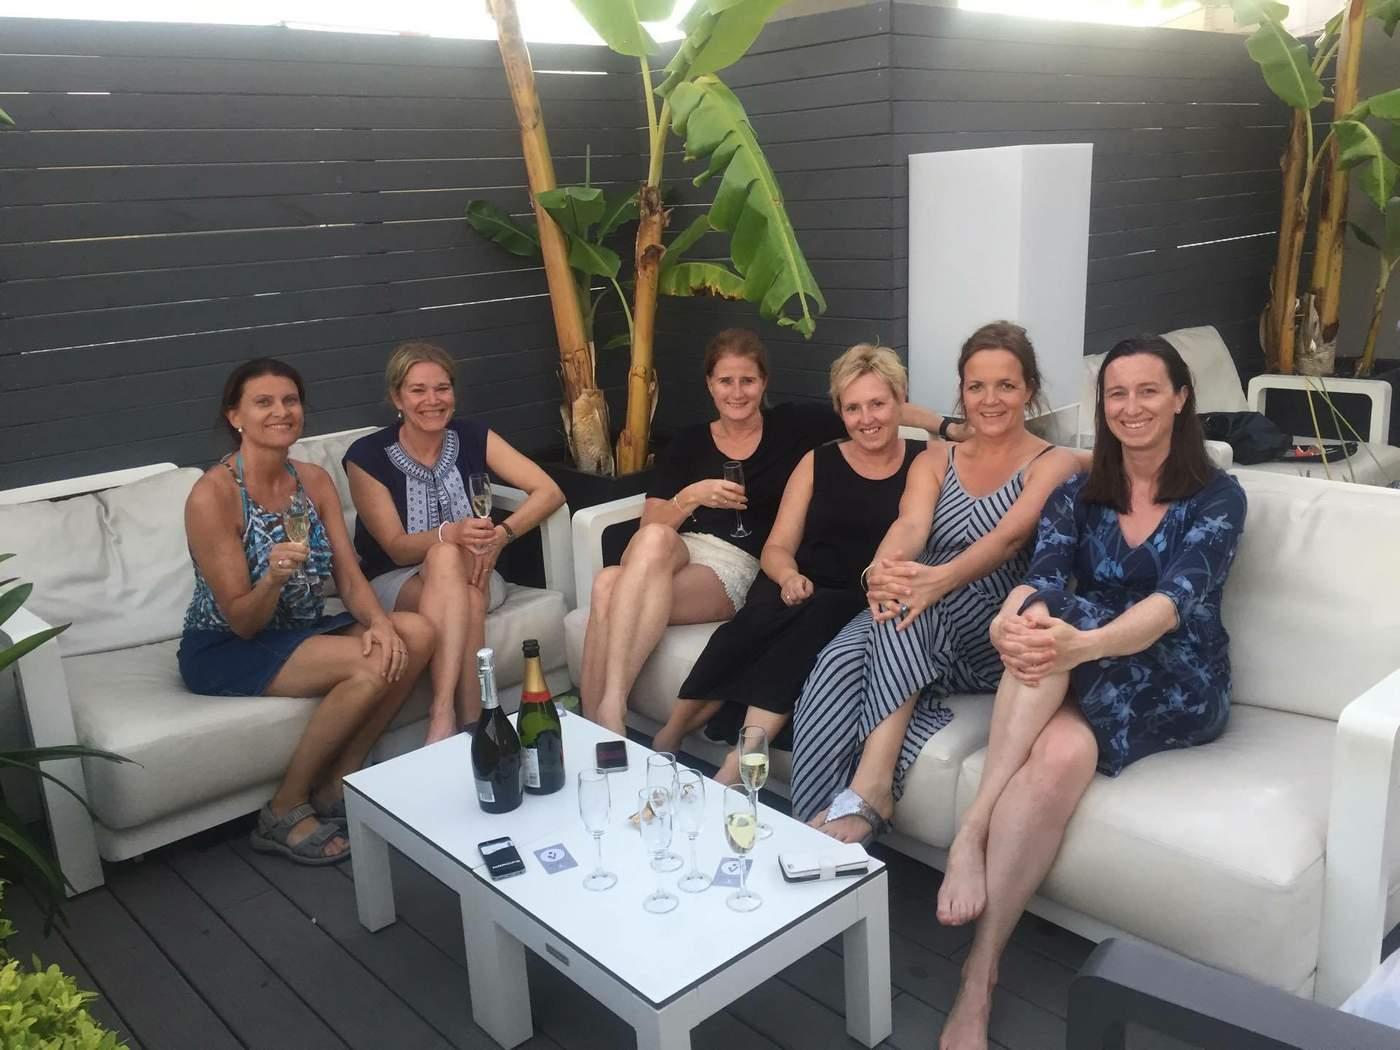 CAVA-KOS: Seks mammaer på tur til Barcelona, den ultimate byen for jentegjengen. – Kos på takterrassen med cava hører med, sier Tonje i Ving. Foto: Privat.